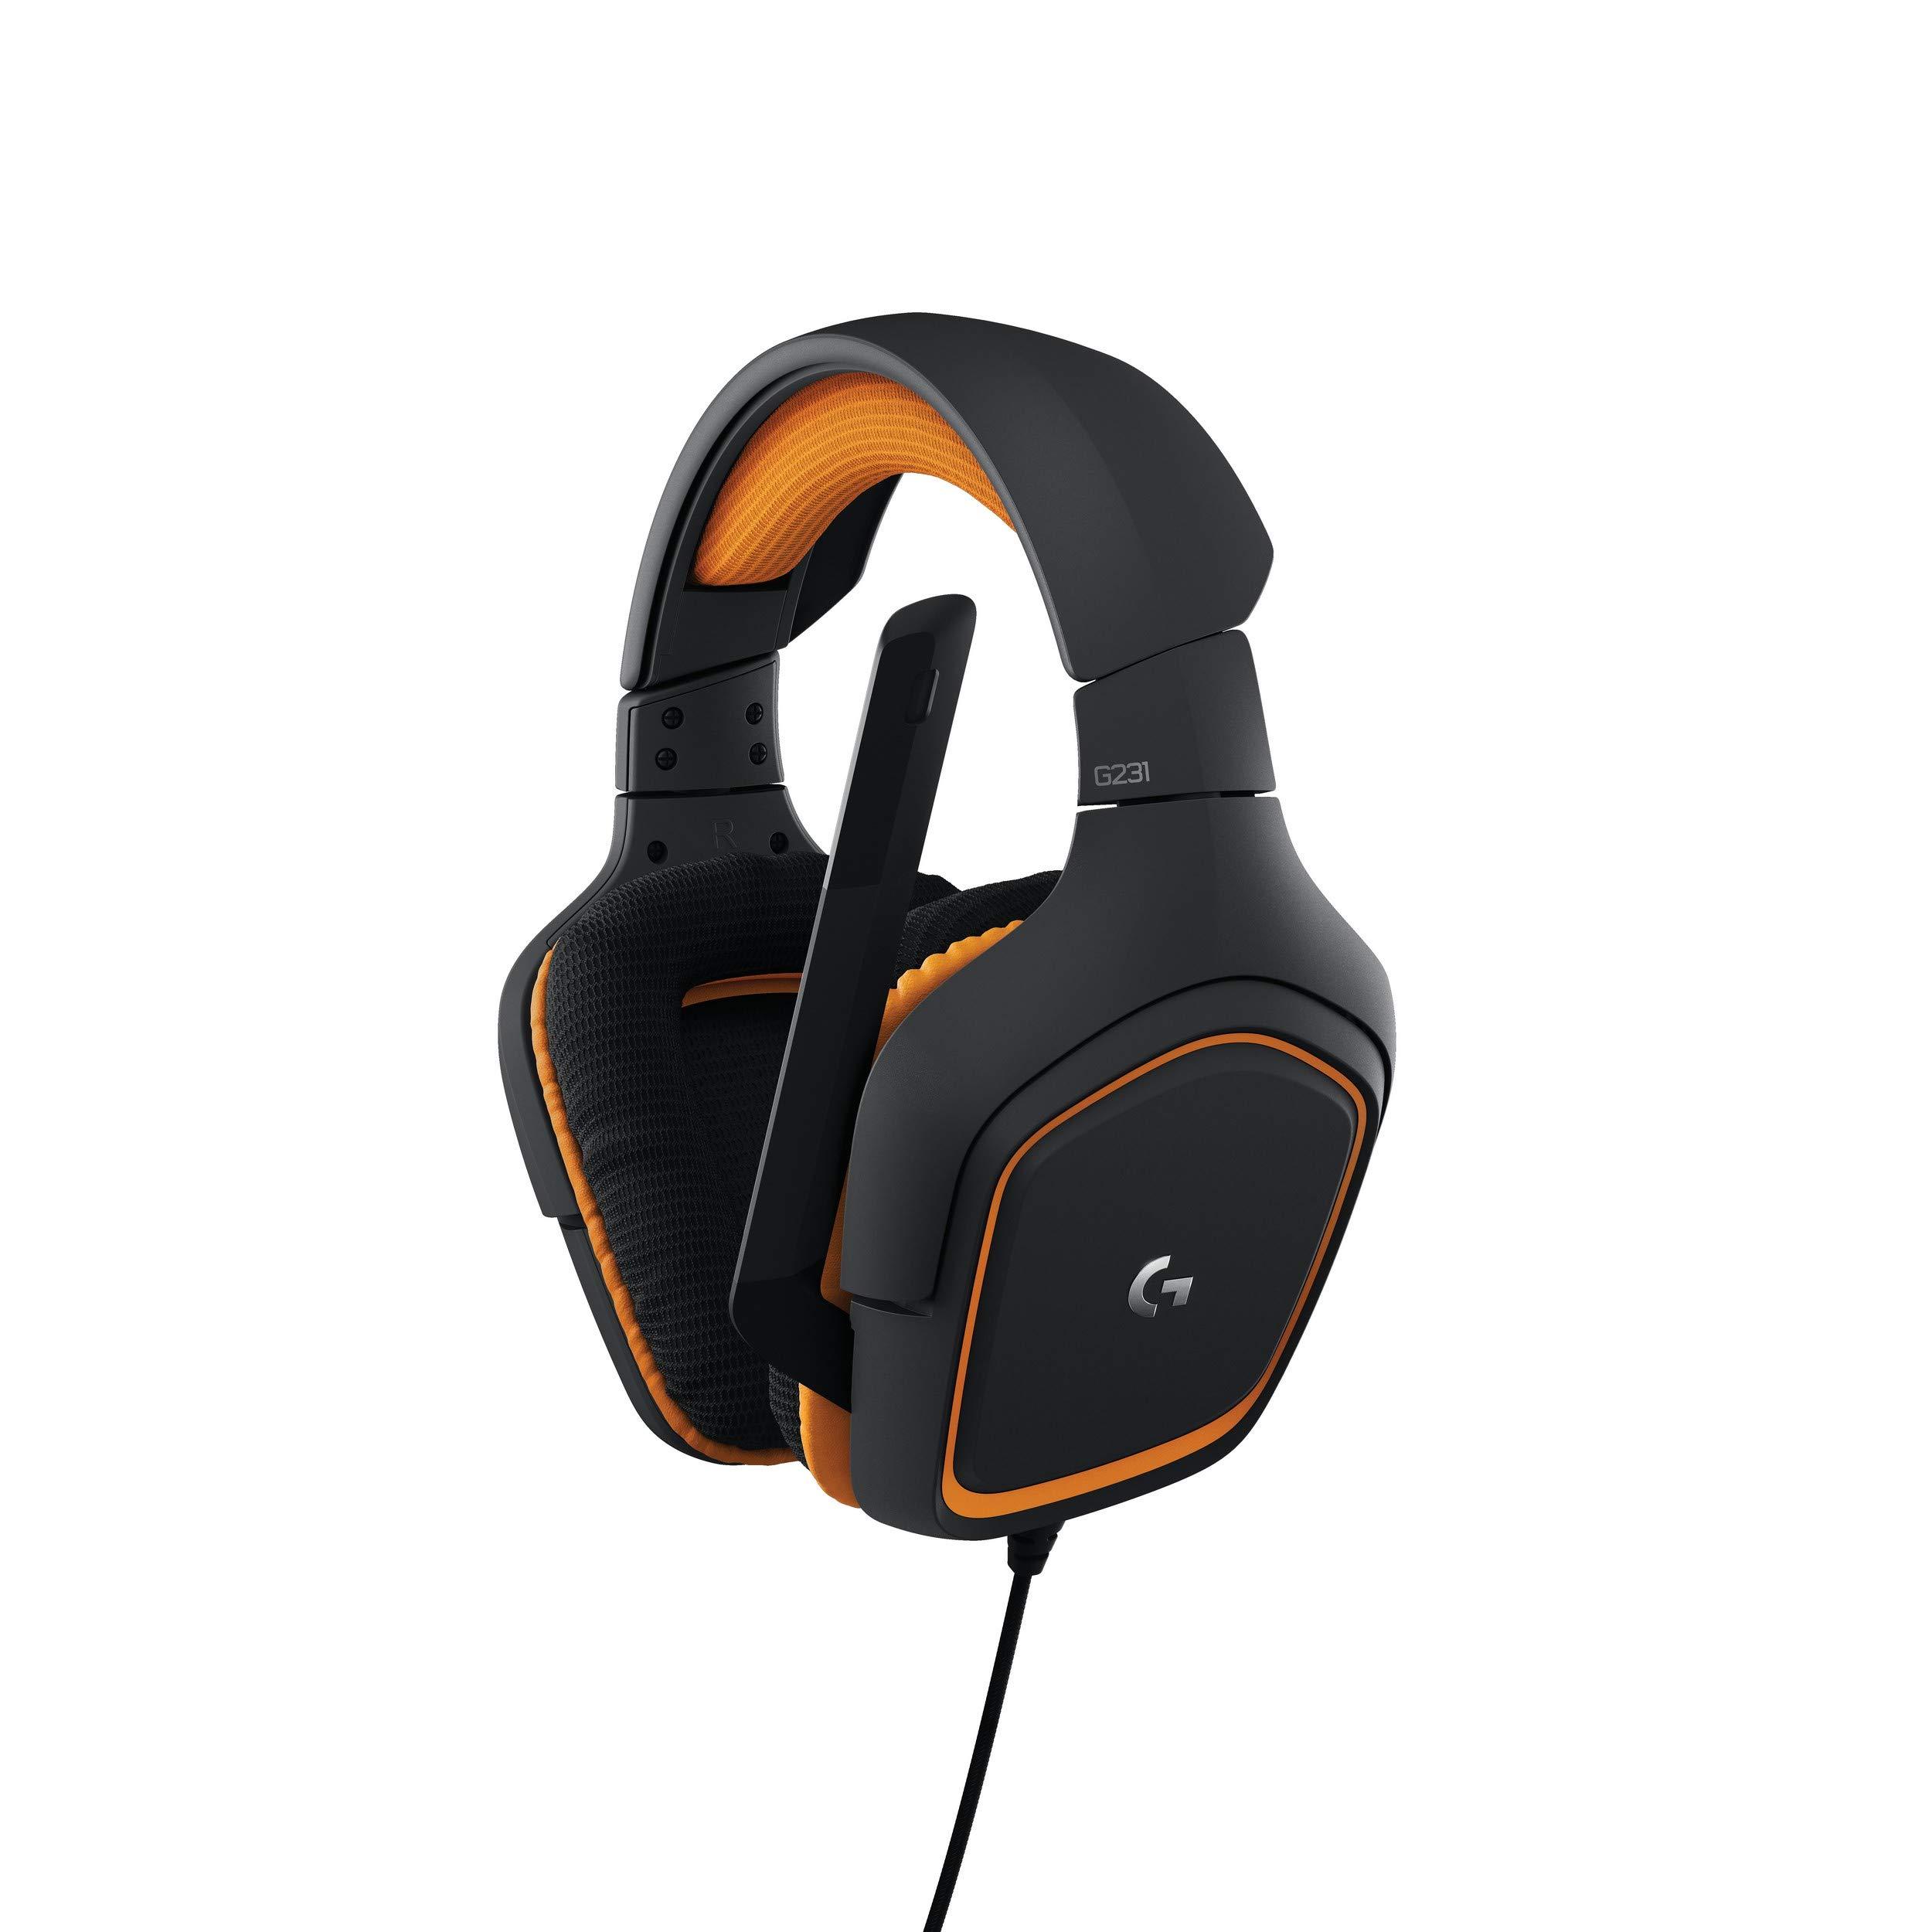 로지텍 G231 프로디지 게이밍 헤드셋 Logitech G231 Prodigy Gaming Headset – Game-Quality Stereo Sound – Playstion 4, Xbox One, Nintendo Switch Gaming System Compatible – Folding, Unidirectional Mic – Lay-Flat Earpiece